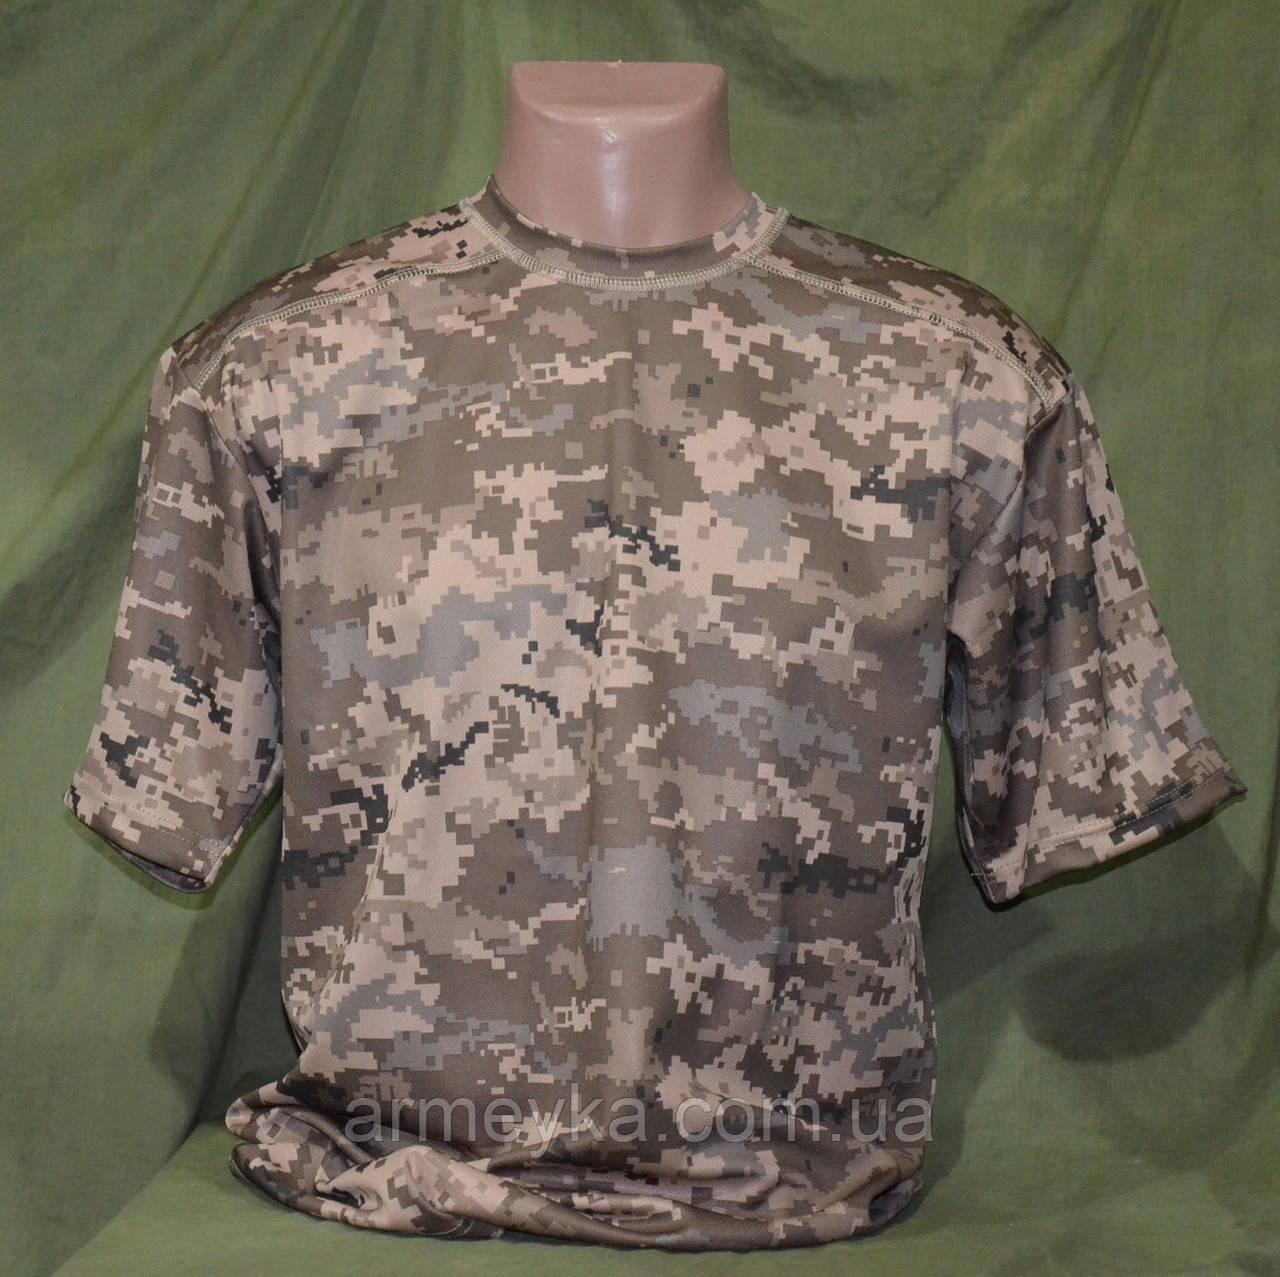 Армейские потоотводящие термофутболки Coolmax в расцветке ACUPAT tan. НОВЫЕ.